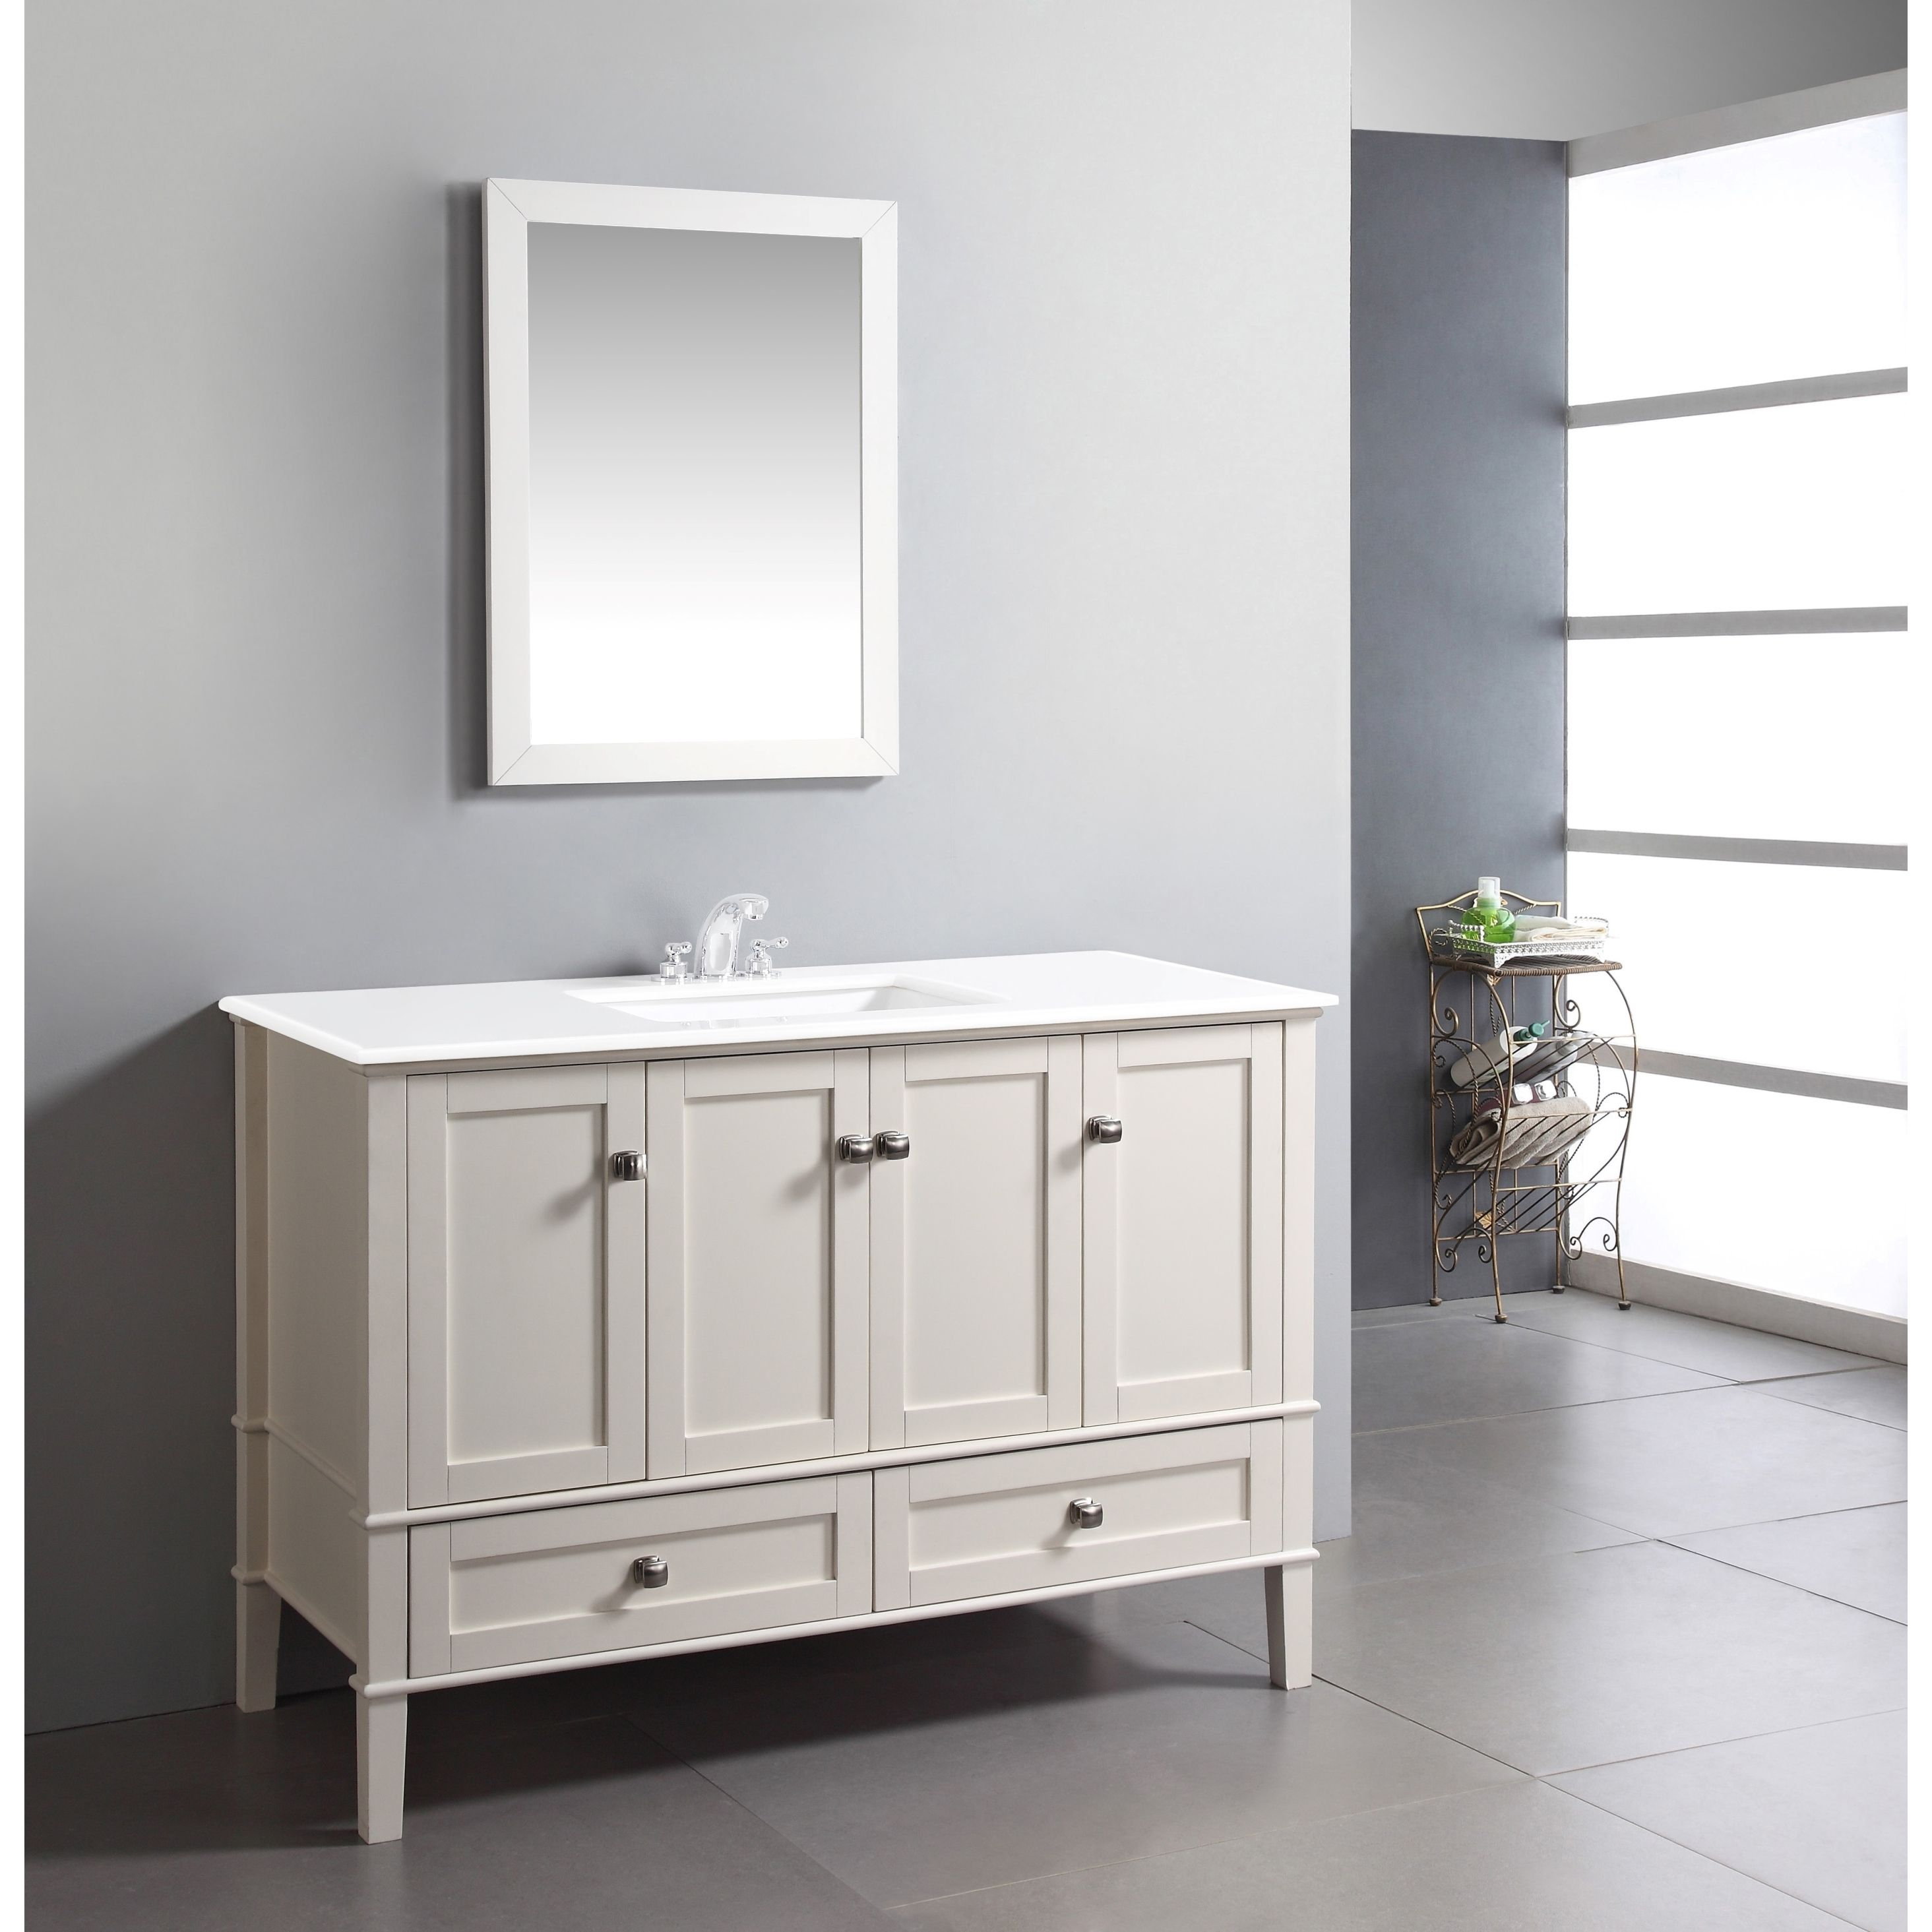 WYNDENHALL Windham Soft White 48-inch 2-door 2-drawer Bath Vanity